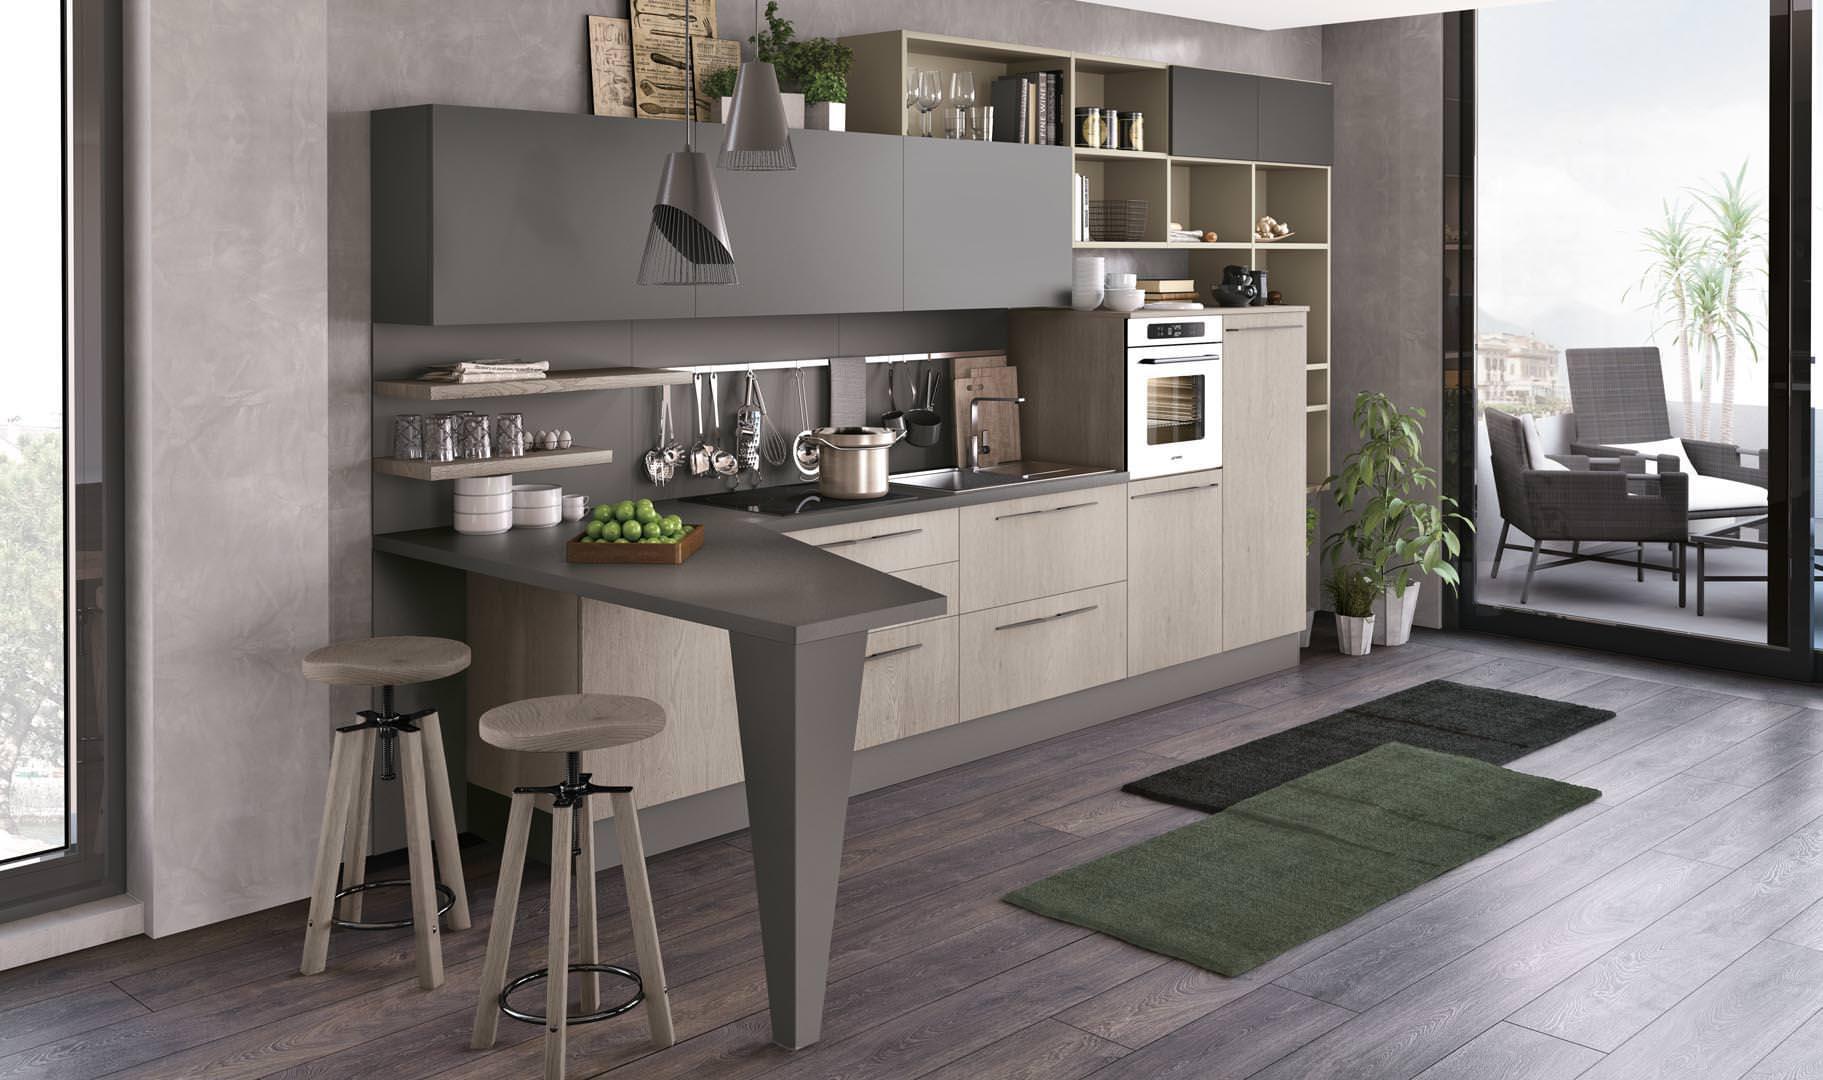 Cucina LUBE CLOVER BRIDGE - unicità e personalità ...